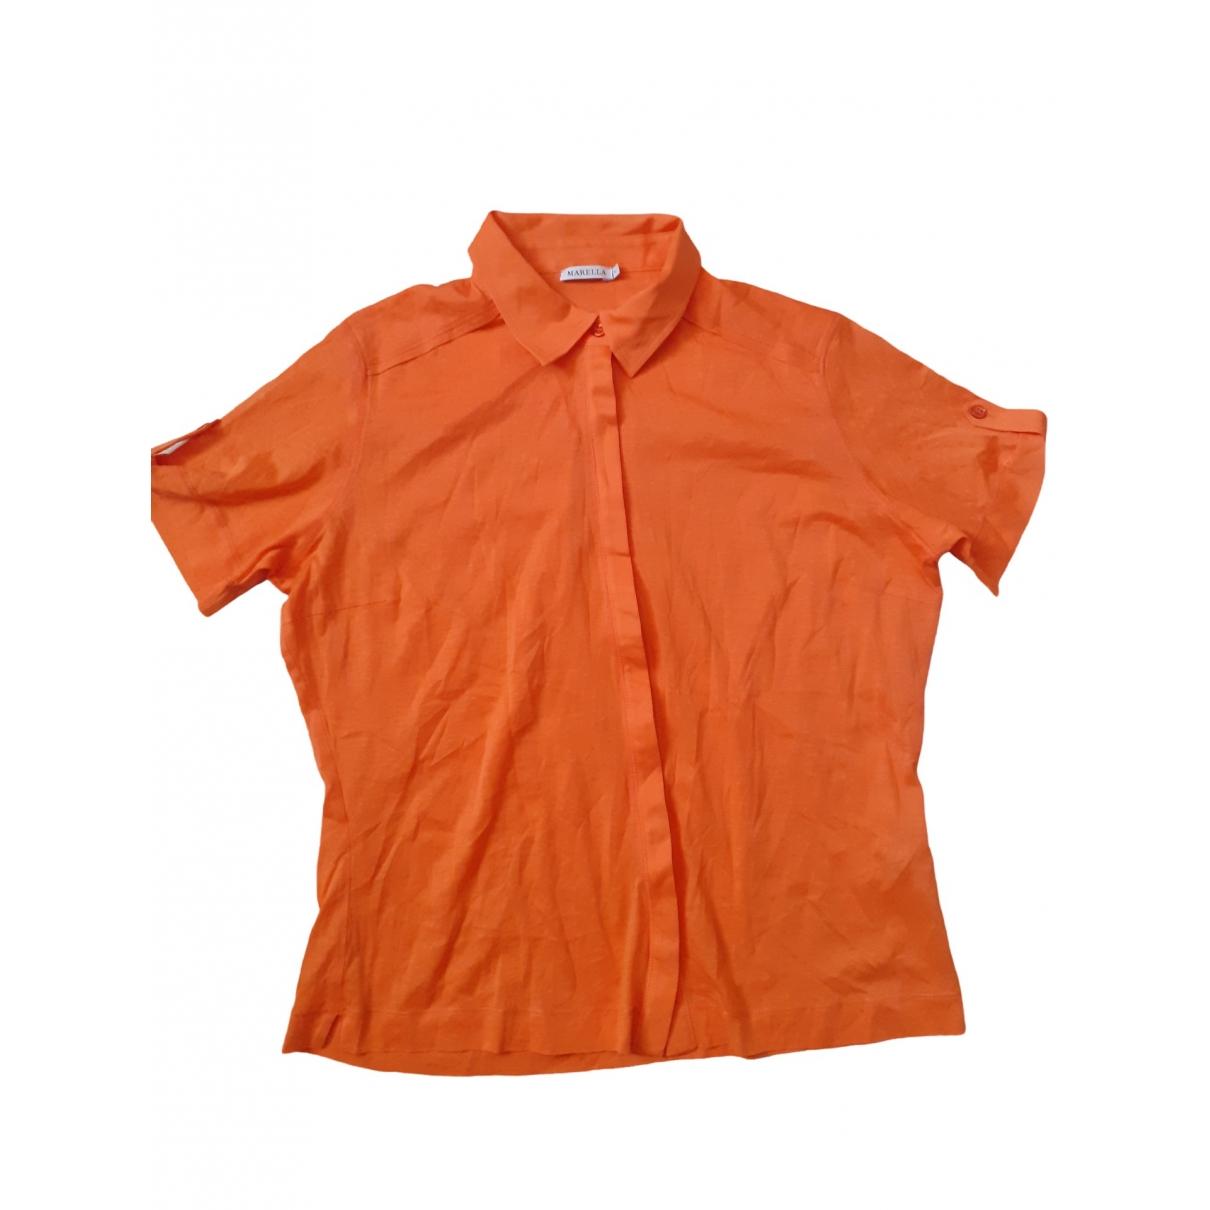 Marella - Top   pour femme - orange